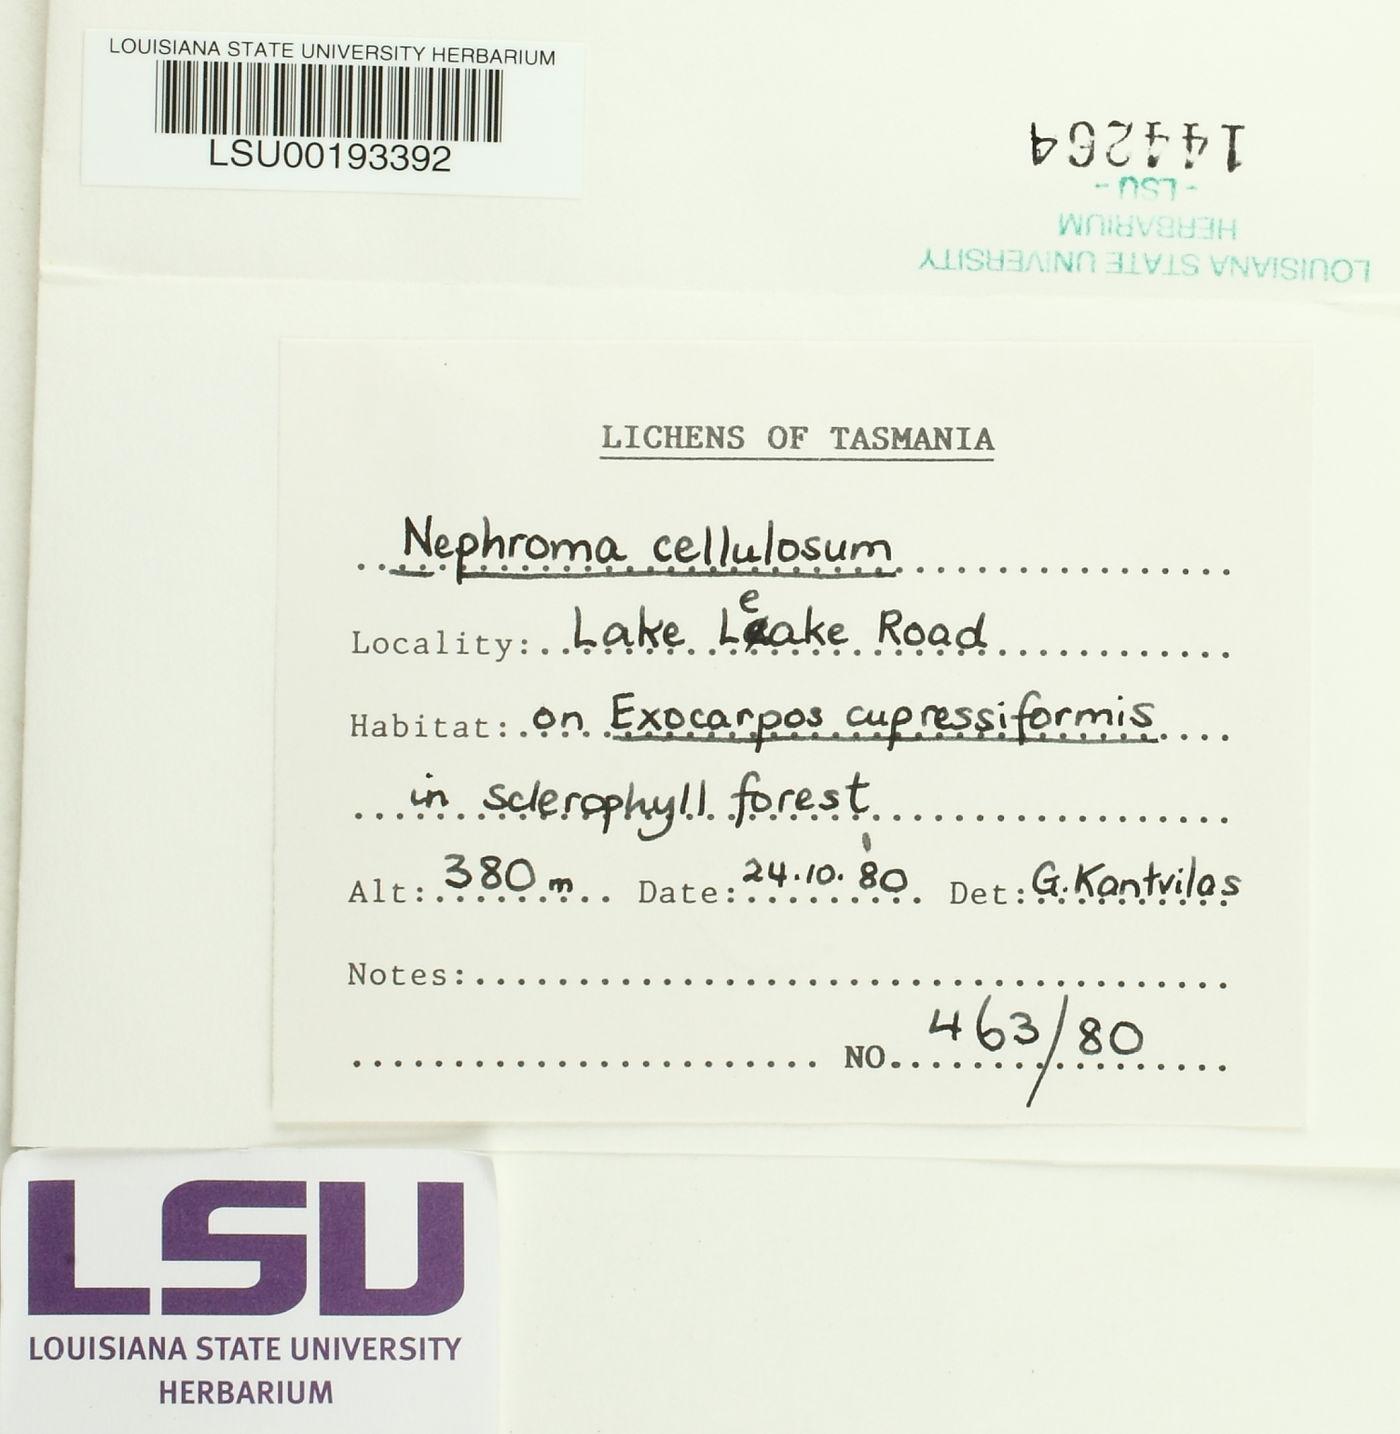 Nephroma cellulosum image